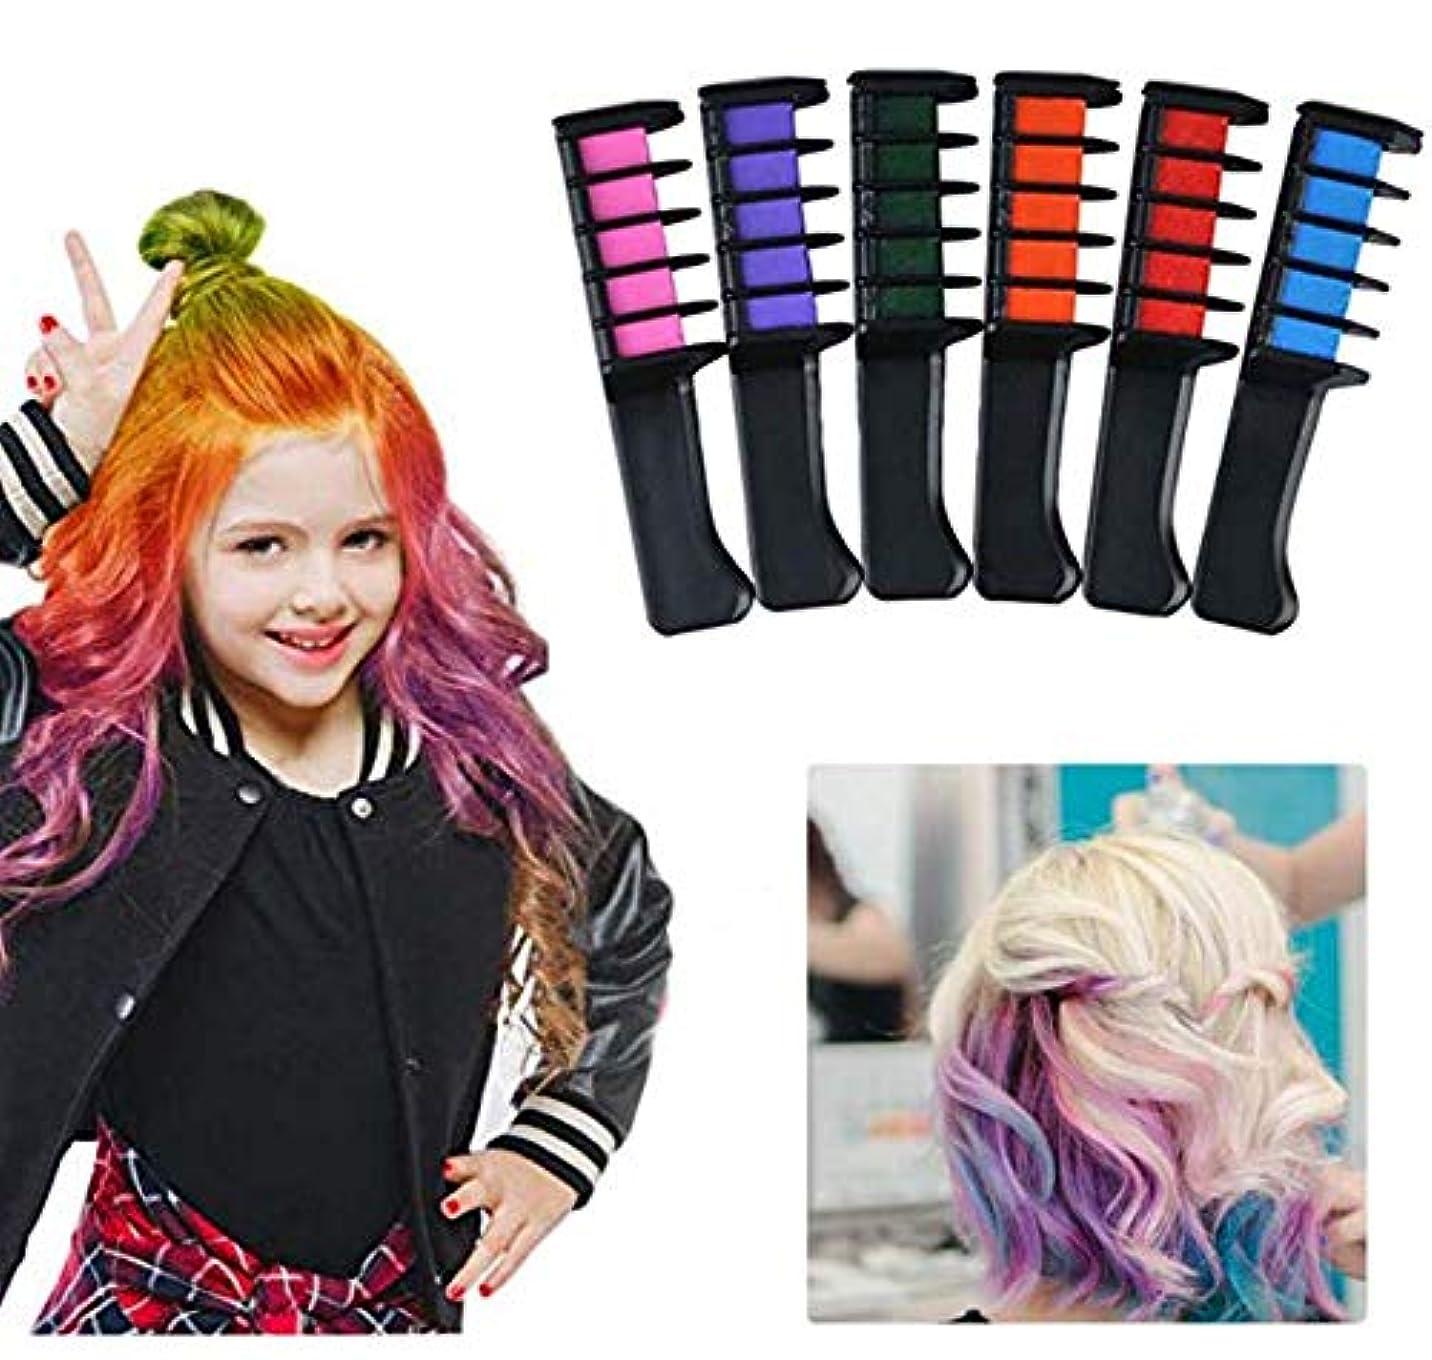 熟達伝導率派手子供のための安全な非有毒な一時的な髪のチョークの櫛6色髪の色の櫛髪のチョークの櫛、女の子、パーティー、コスプレ